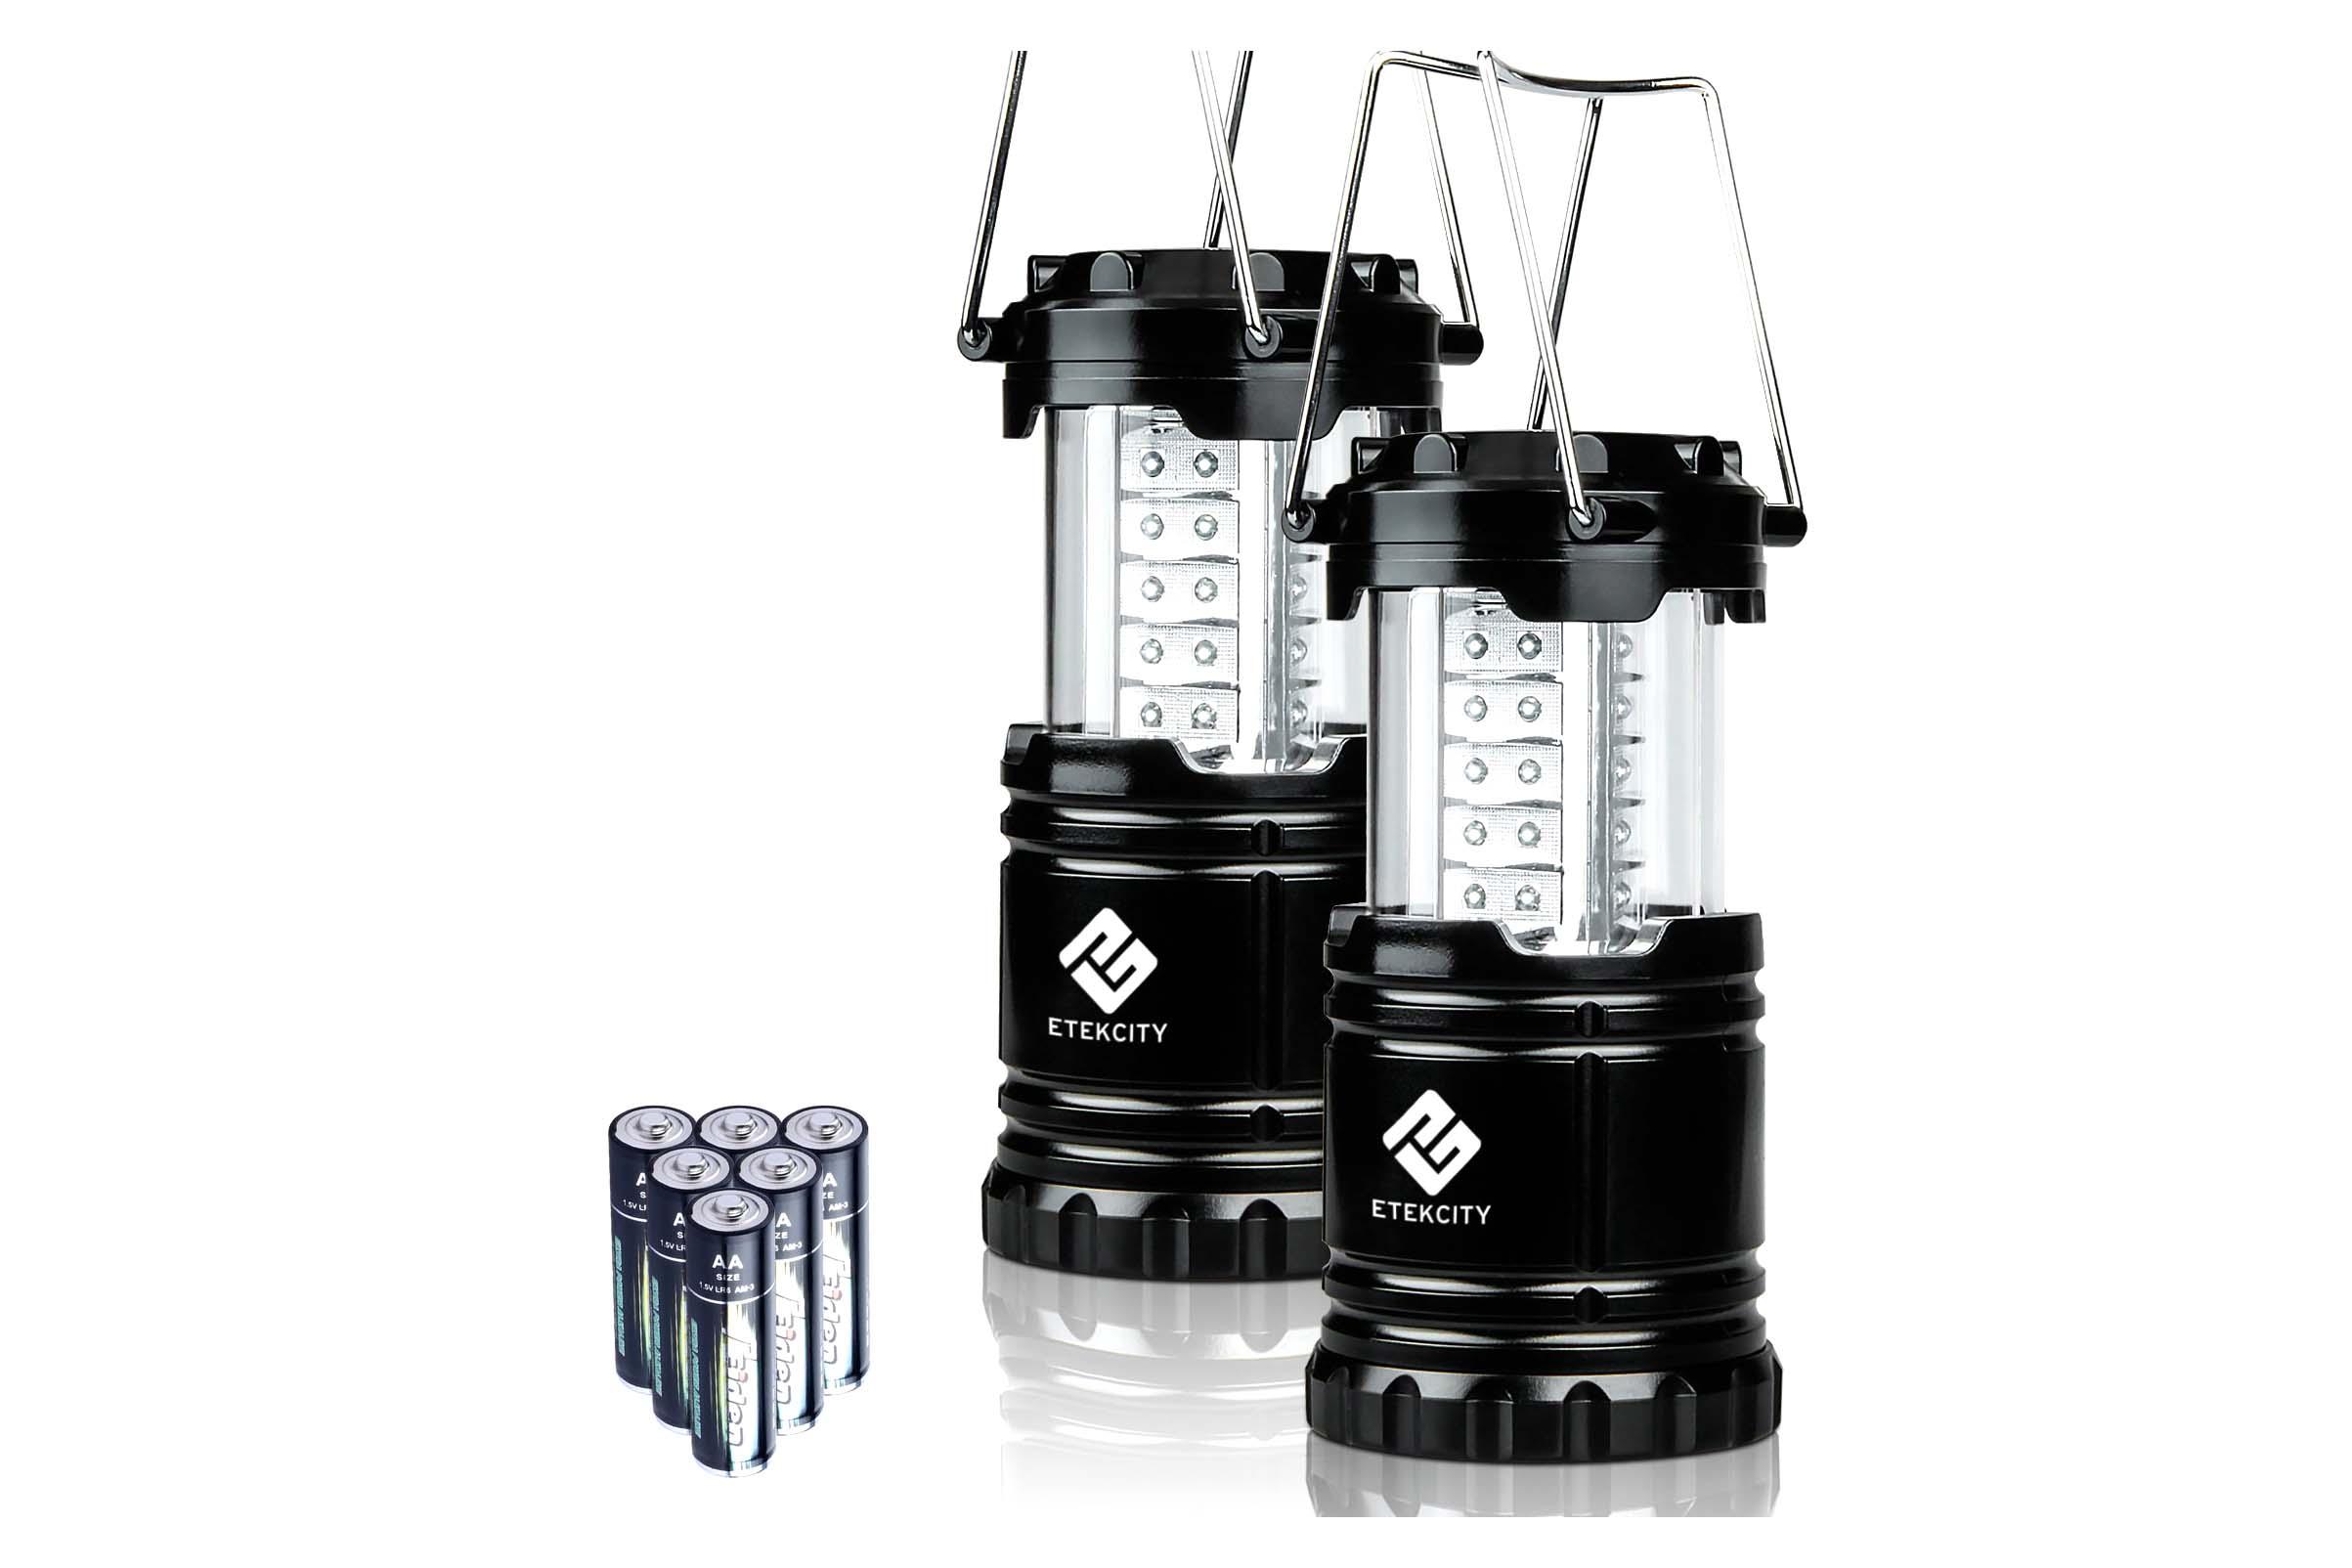 LED Lantern - 2 pack - 4.5 stars - $13 (Prime)